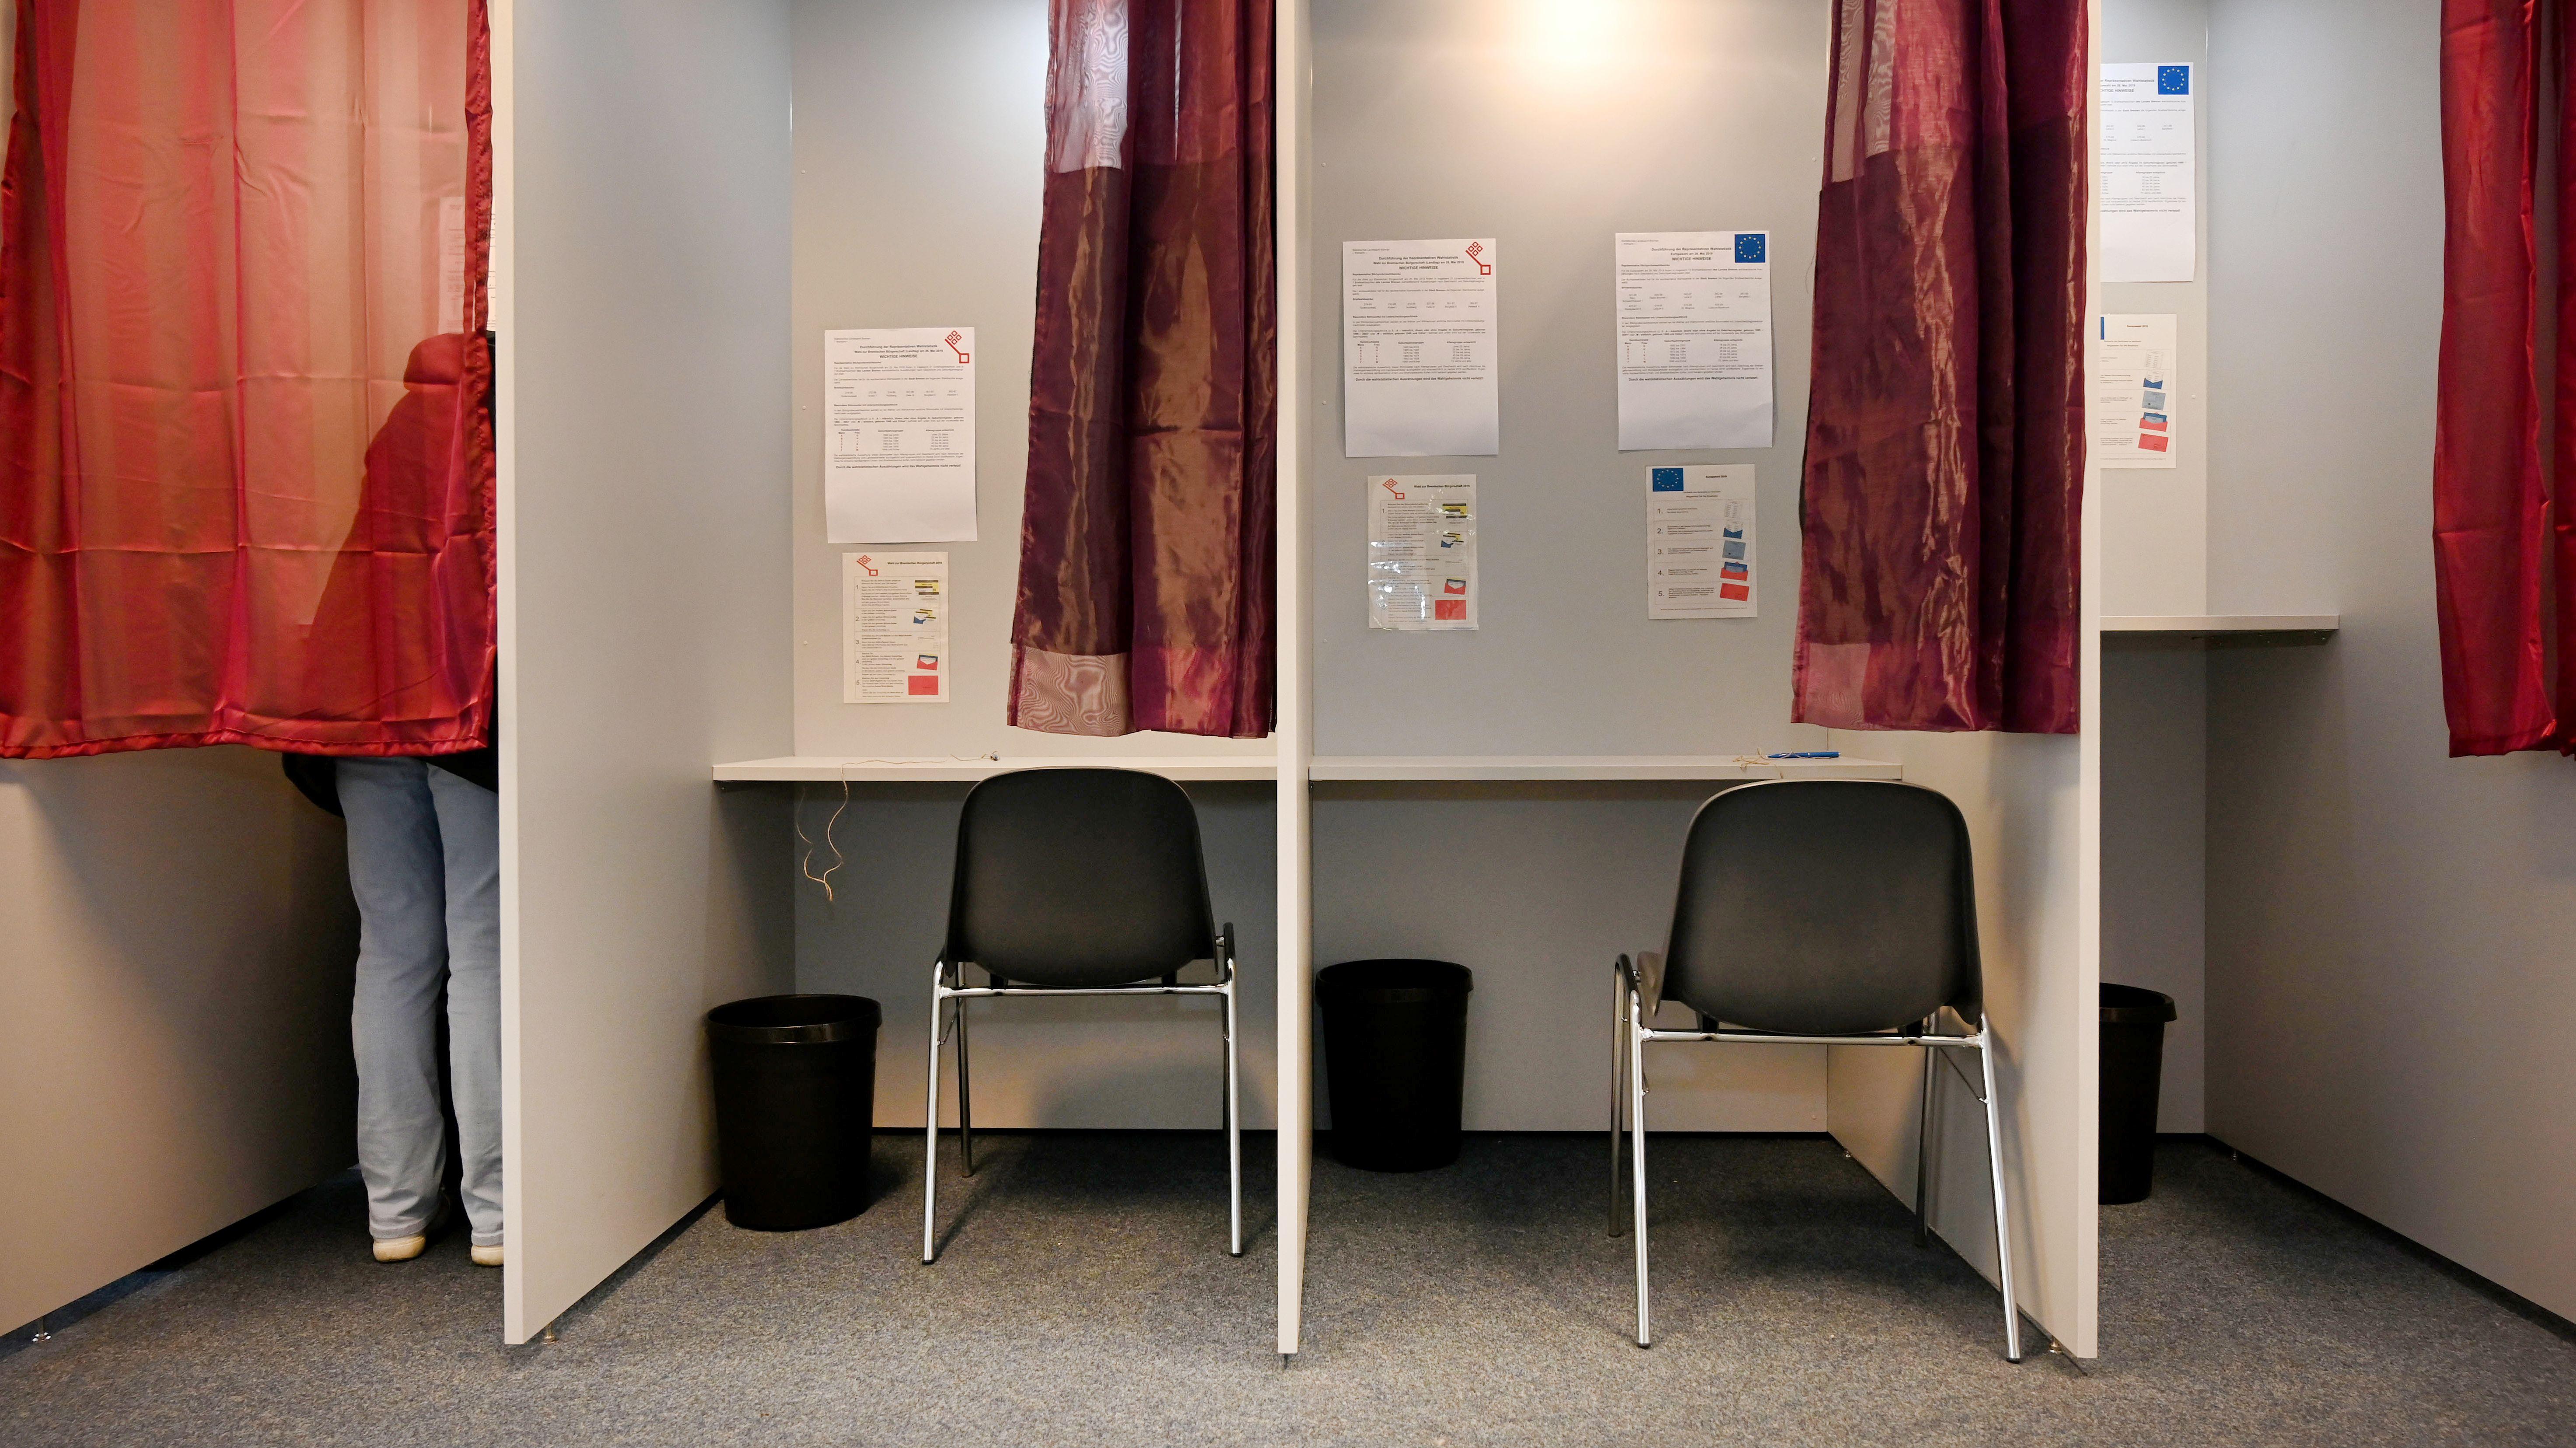 Eine Frau steht in einer Wahlkabine.